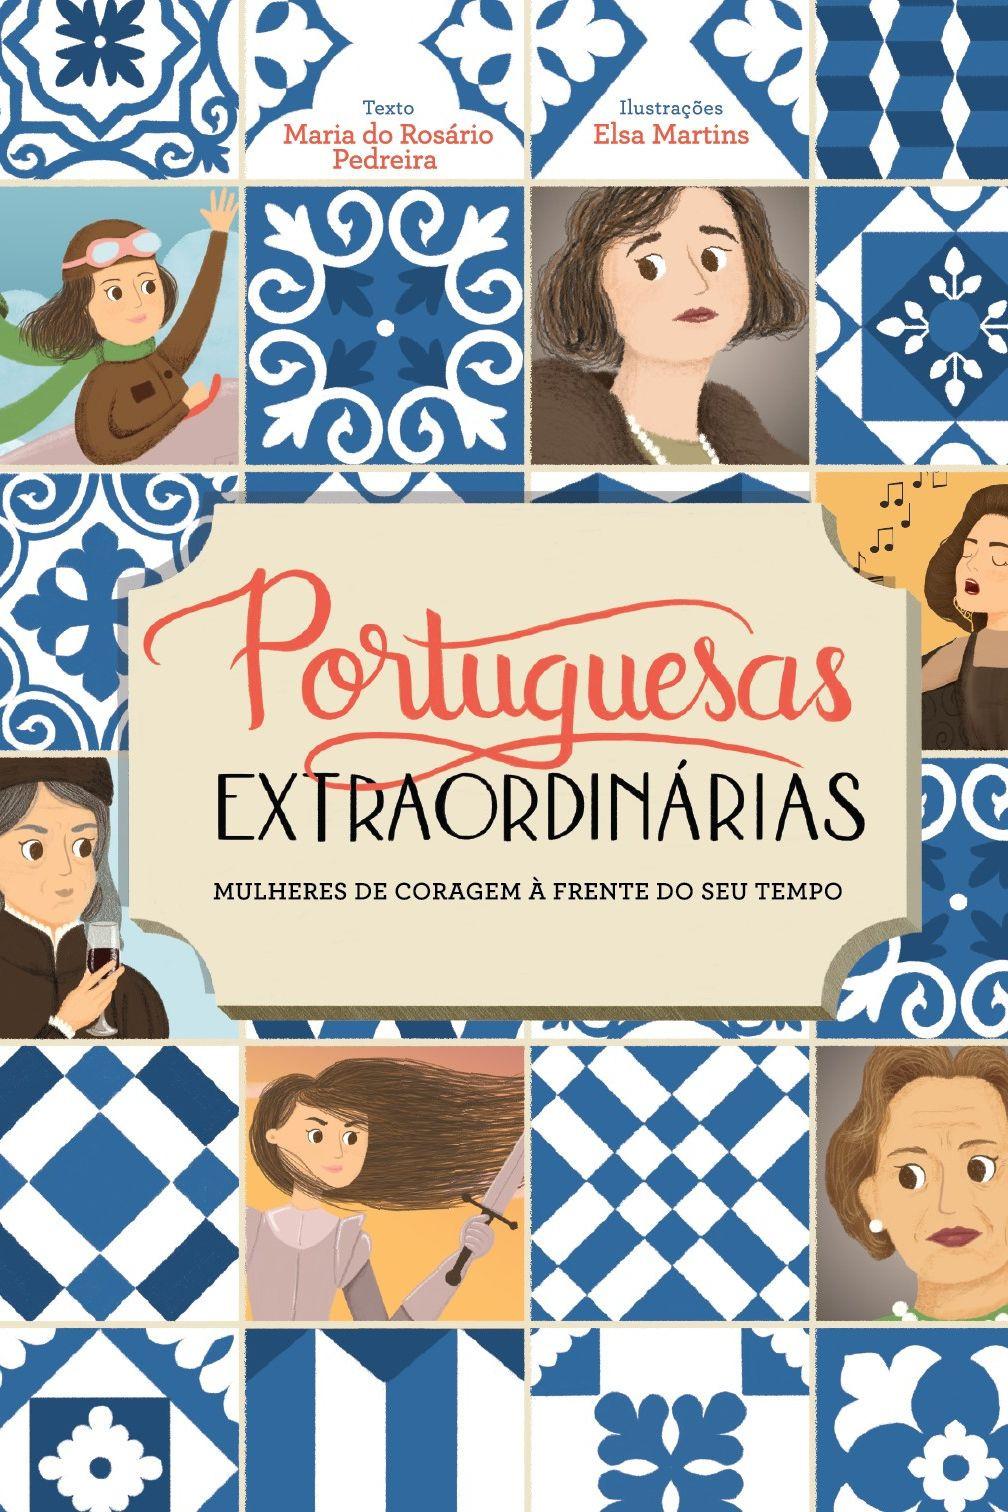 """São portuguesas e foram """"extraordinárias"""" no seu tempo. Sabe quem são?"""